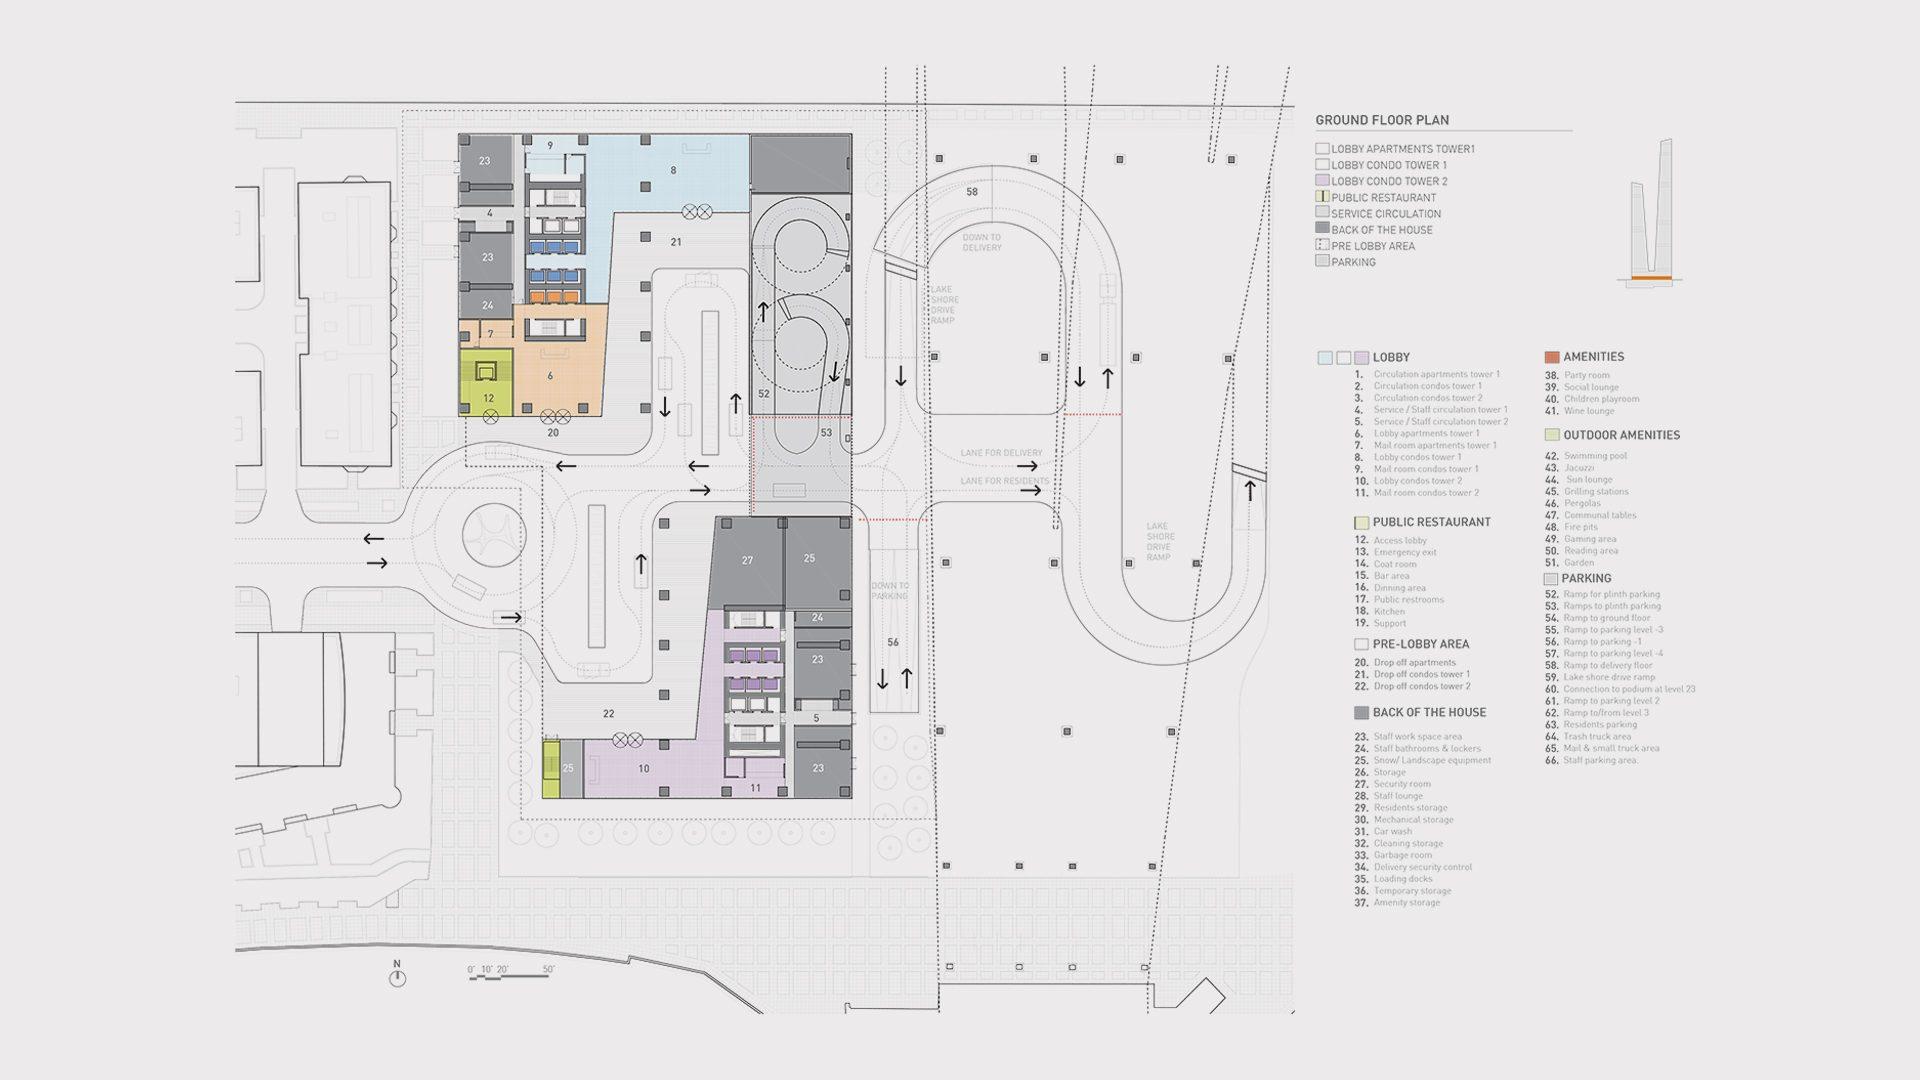 030_Ground Floor Plan